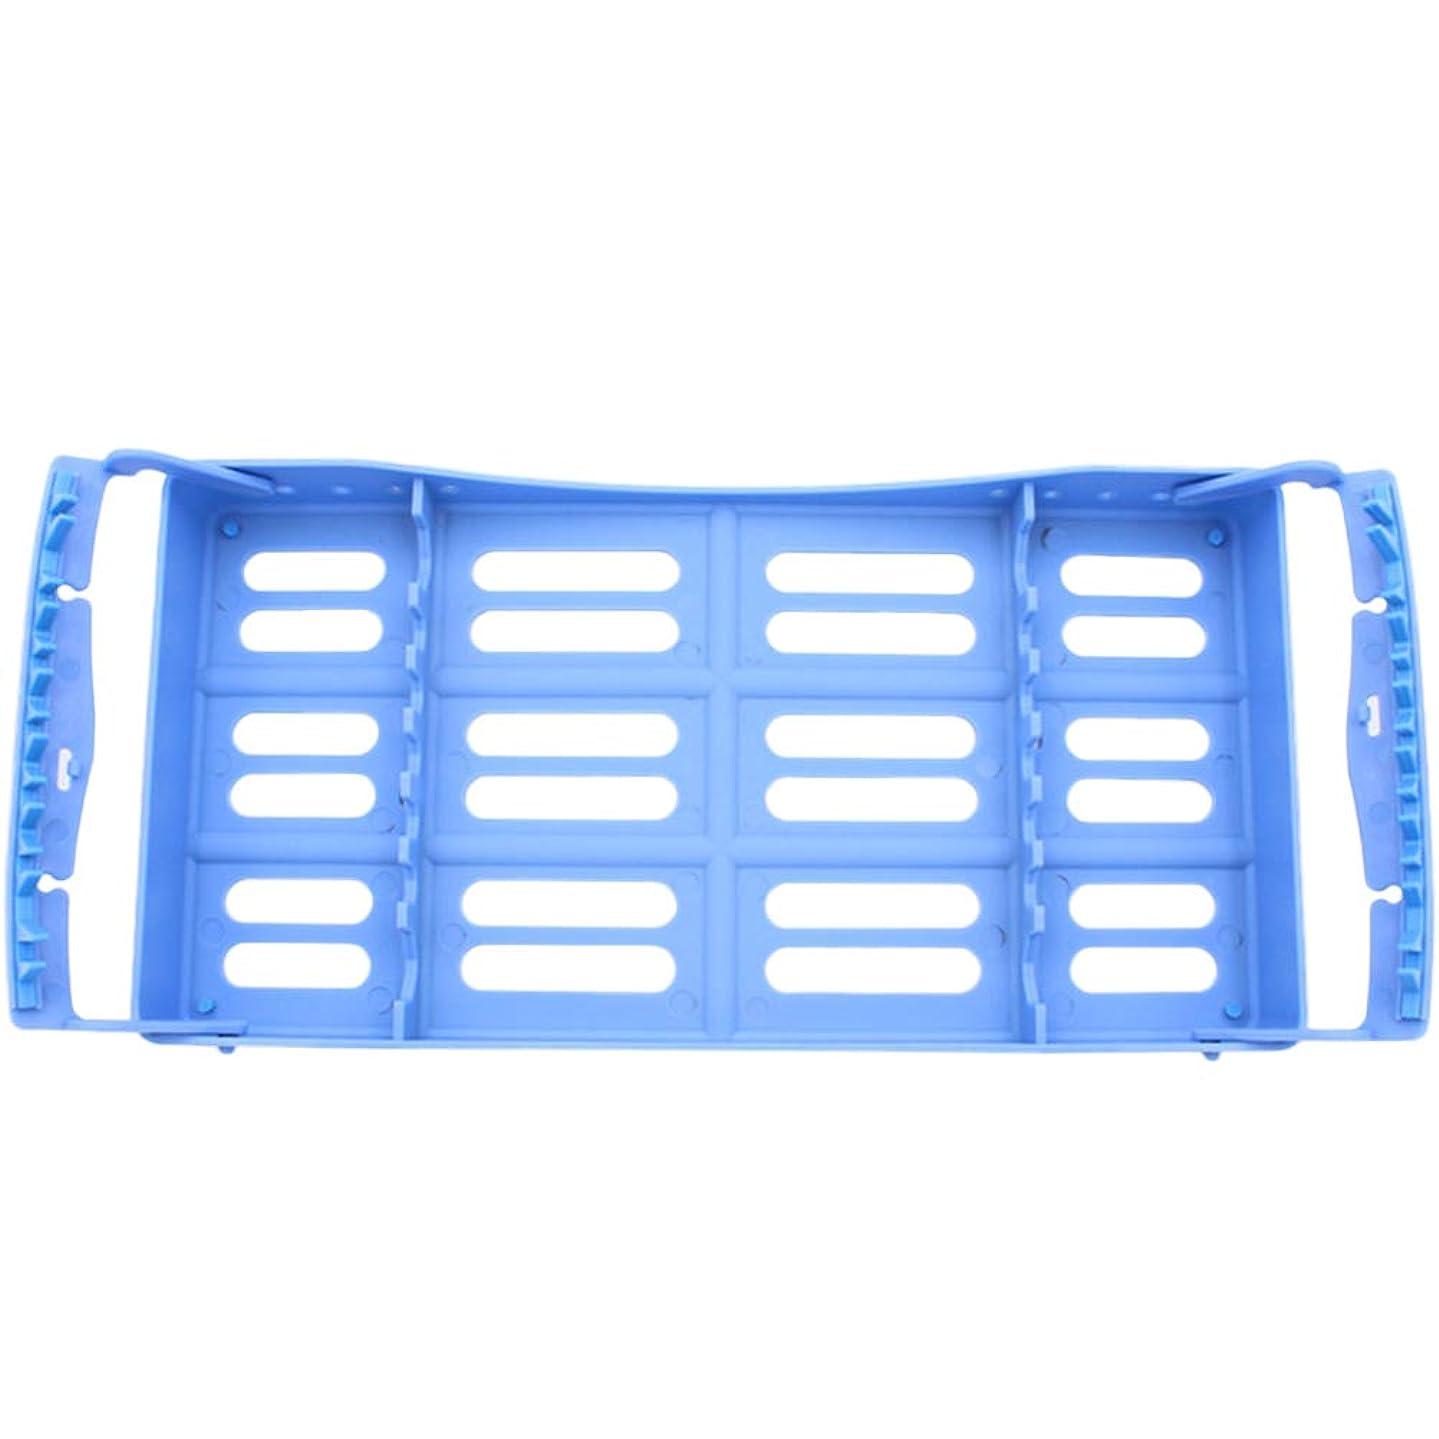 犯す共産主義者シソーラスHEALLILY 7つの道具の貯蔵のためのプラスチック歯科カセット殺菌の消毒の皿(青)